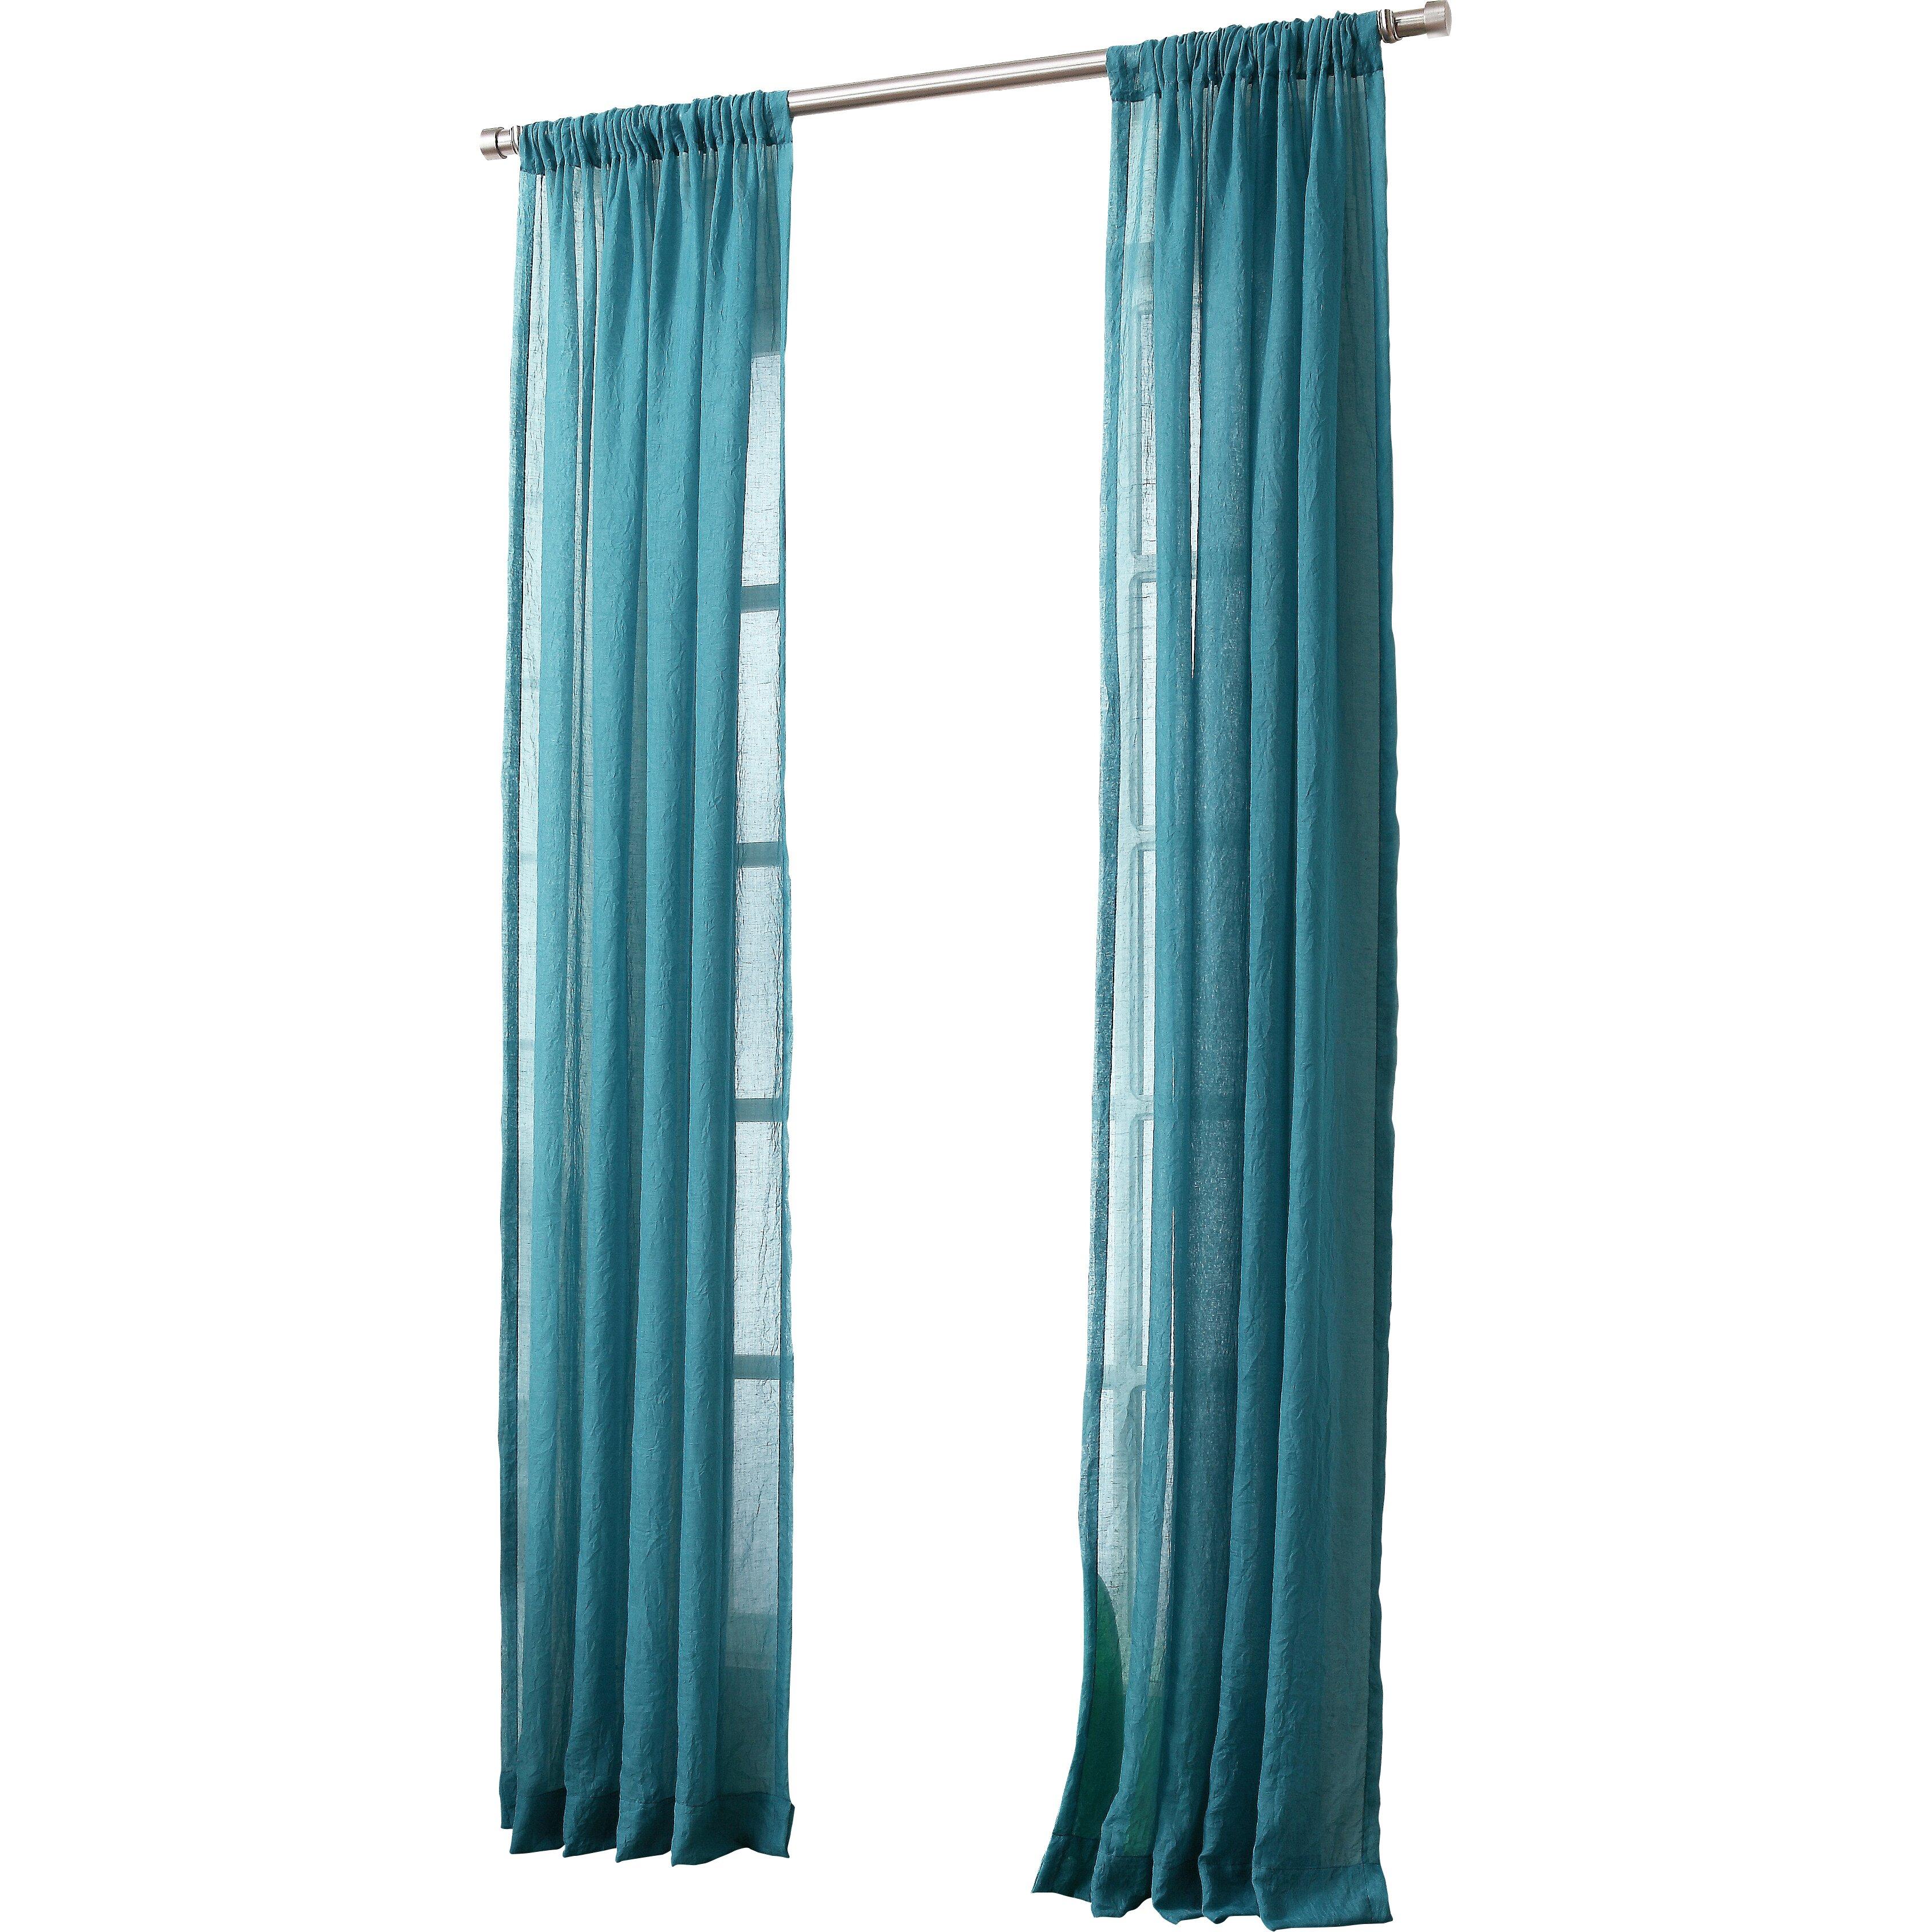 63 83 length curtains drapes no 918 sku lctn1005